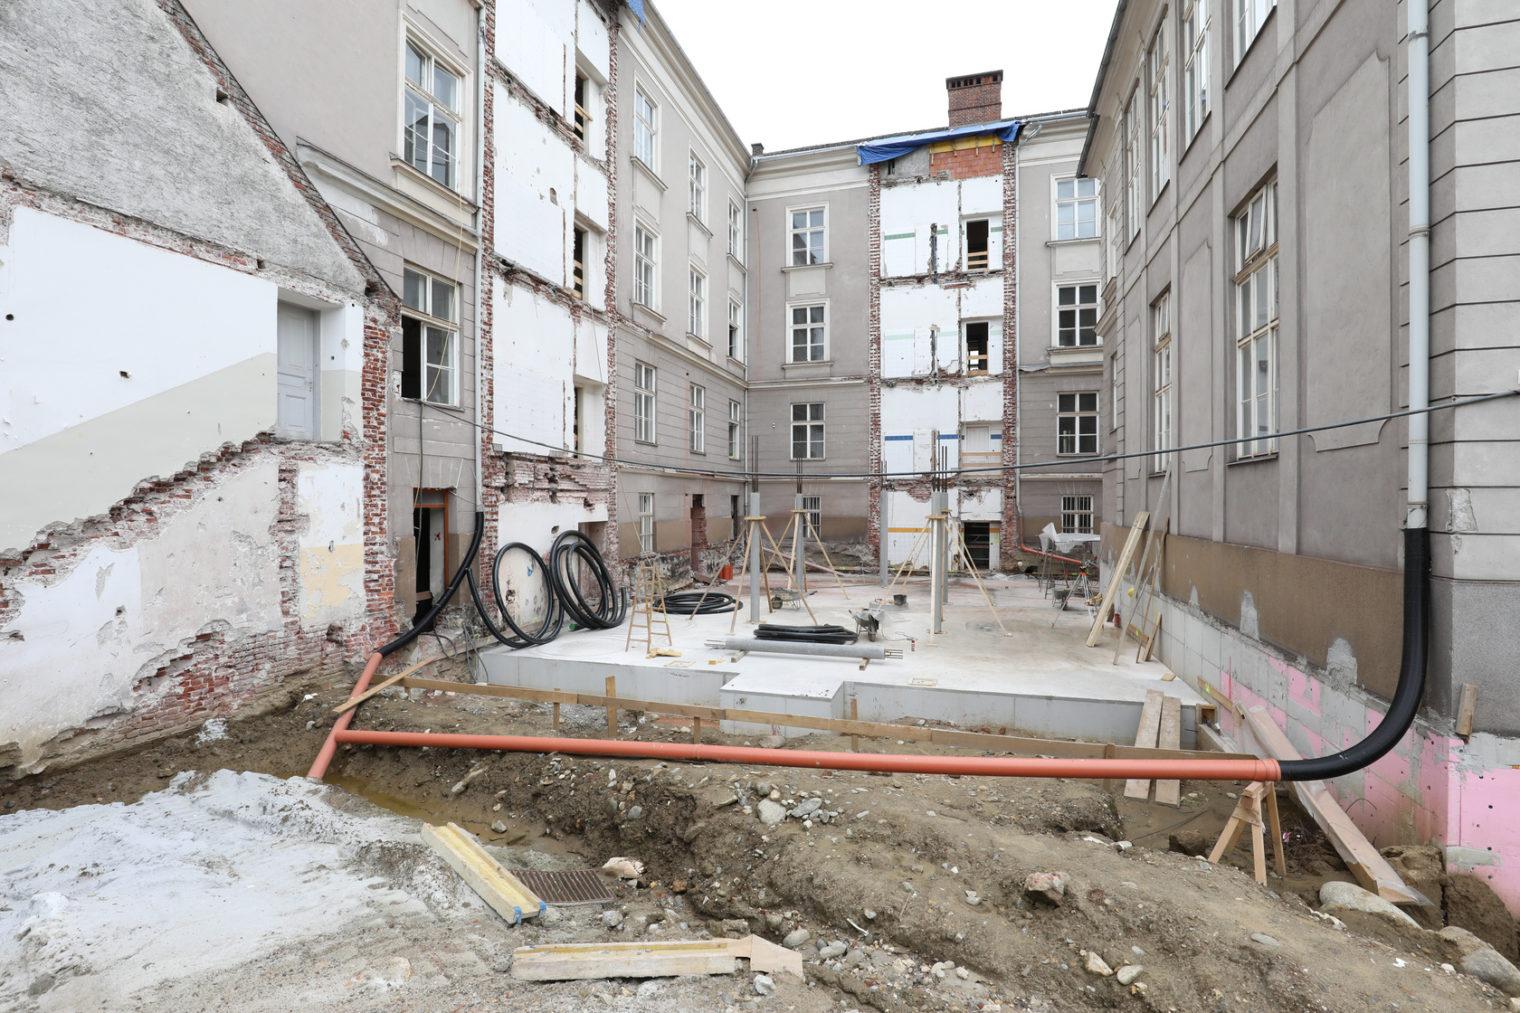 Bauarbeiten im Innenhof